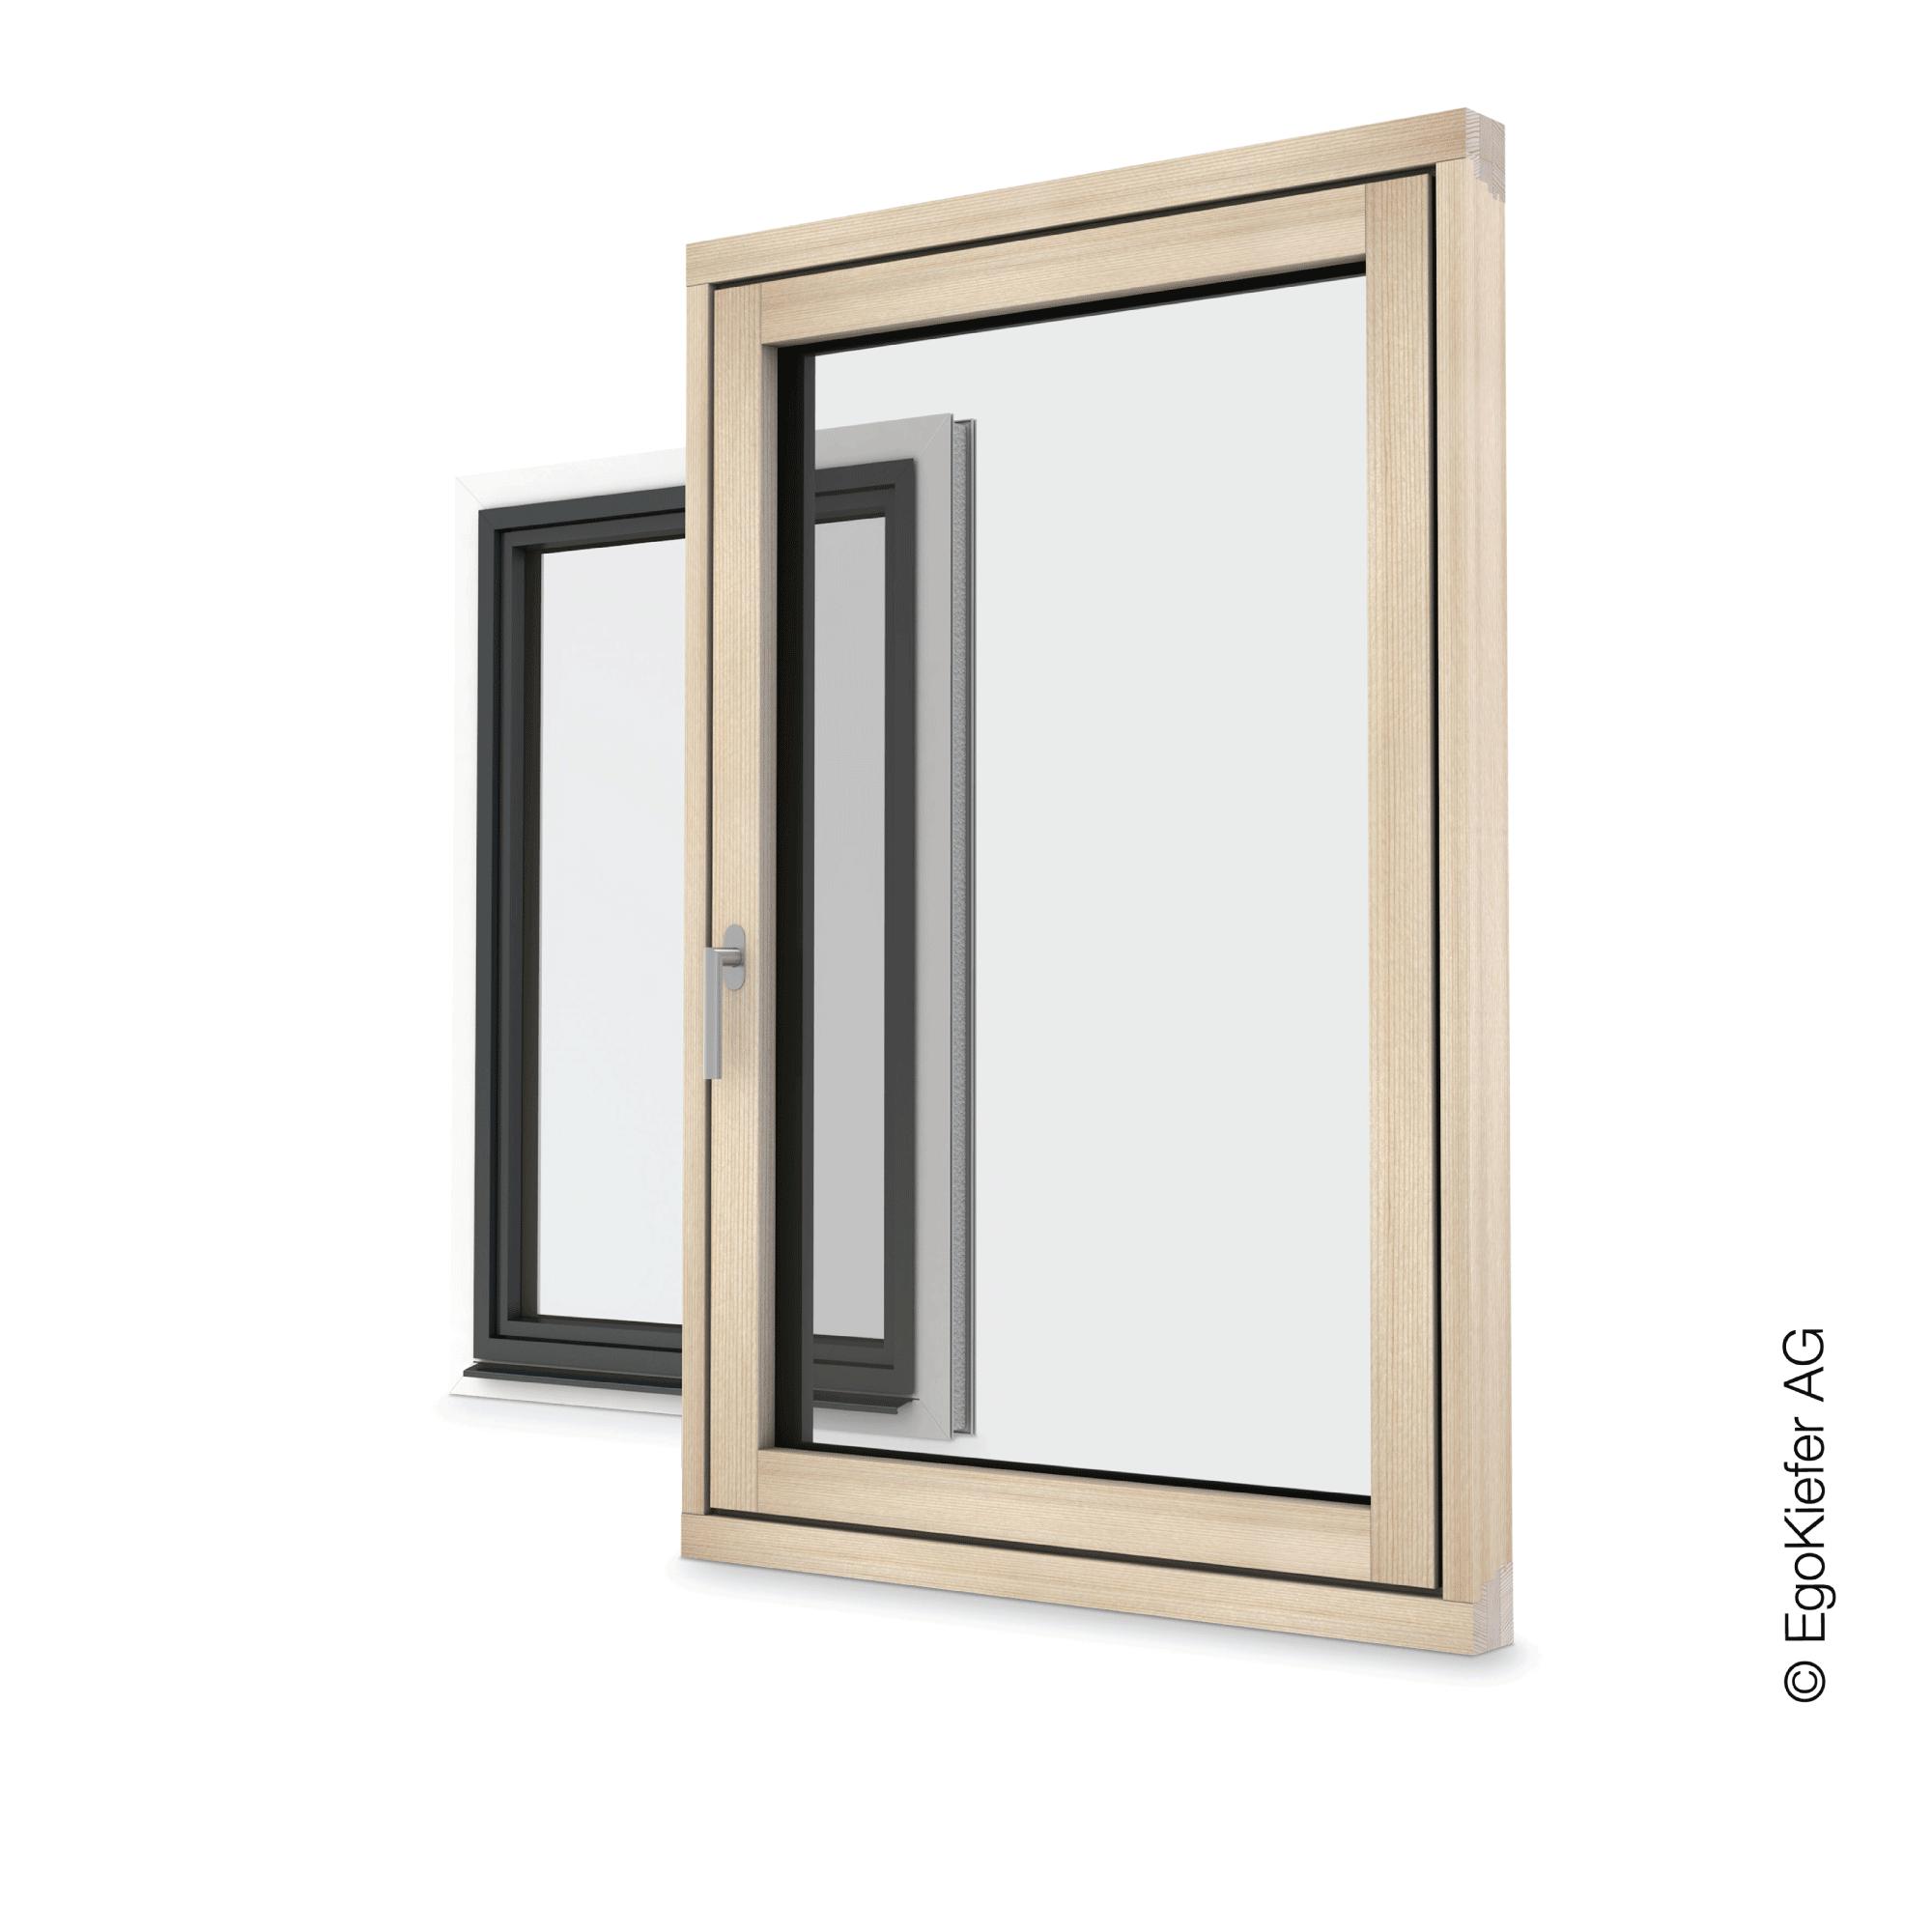 WEB1 Kunststoff Aluminium und Holz Aluminium Fenster Zeichenfläche 1